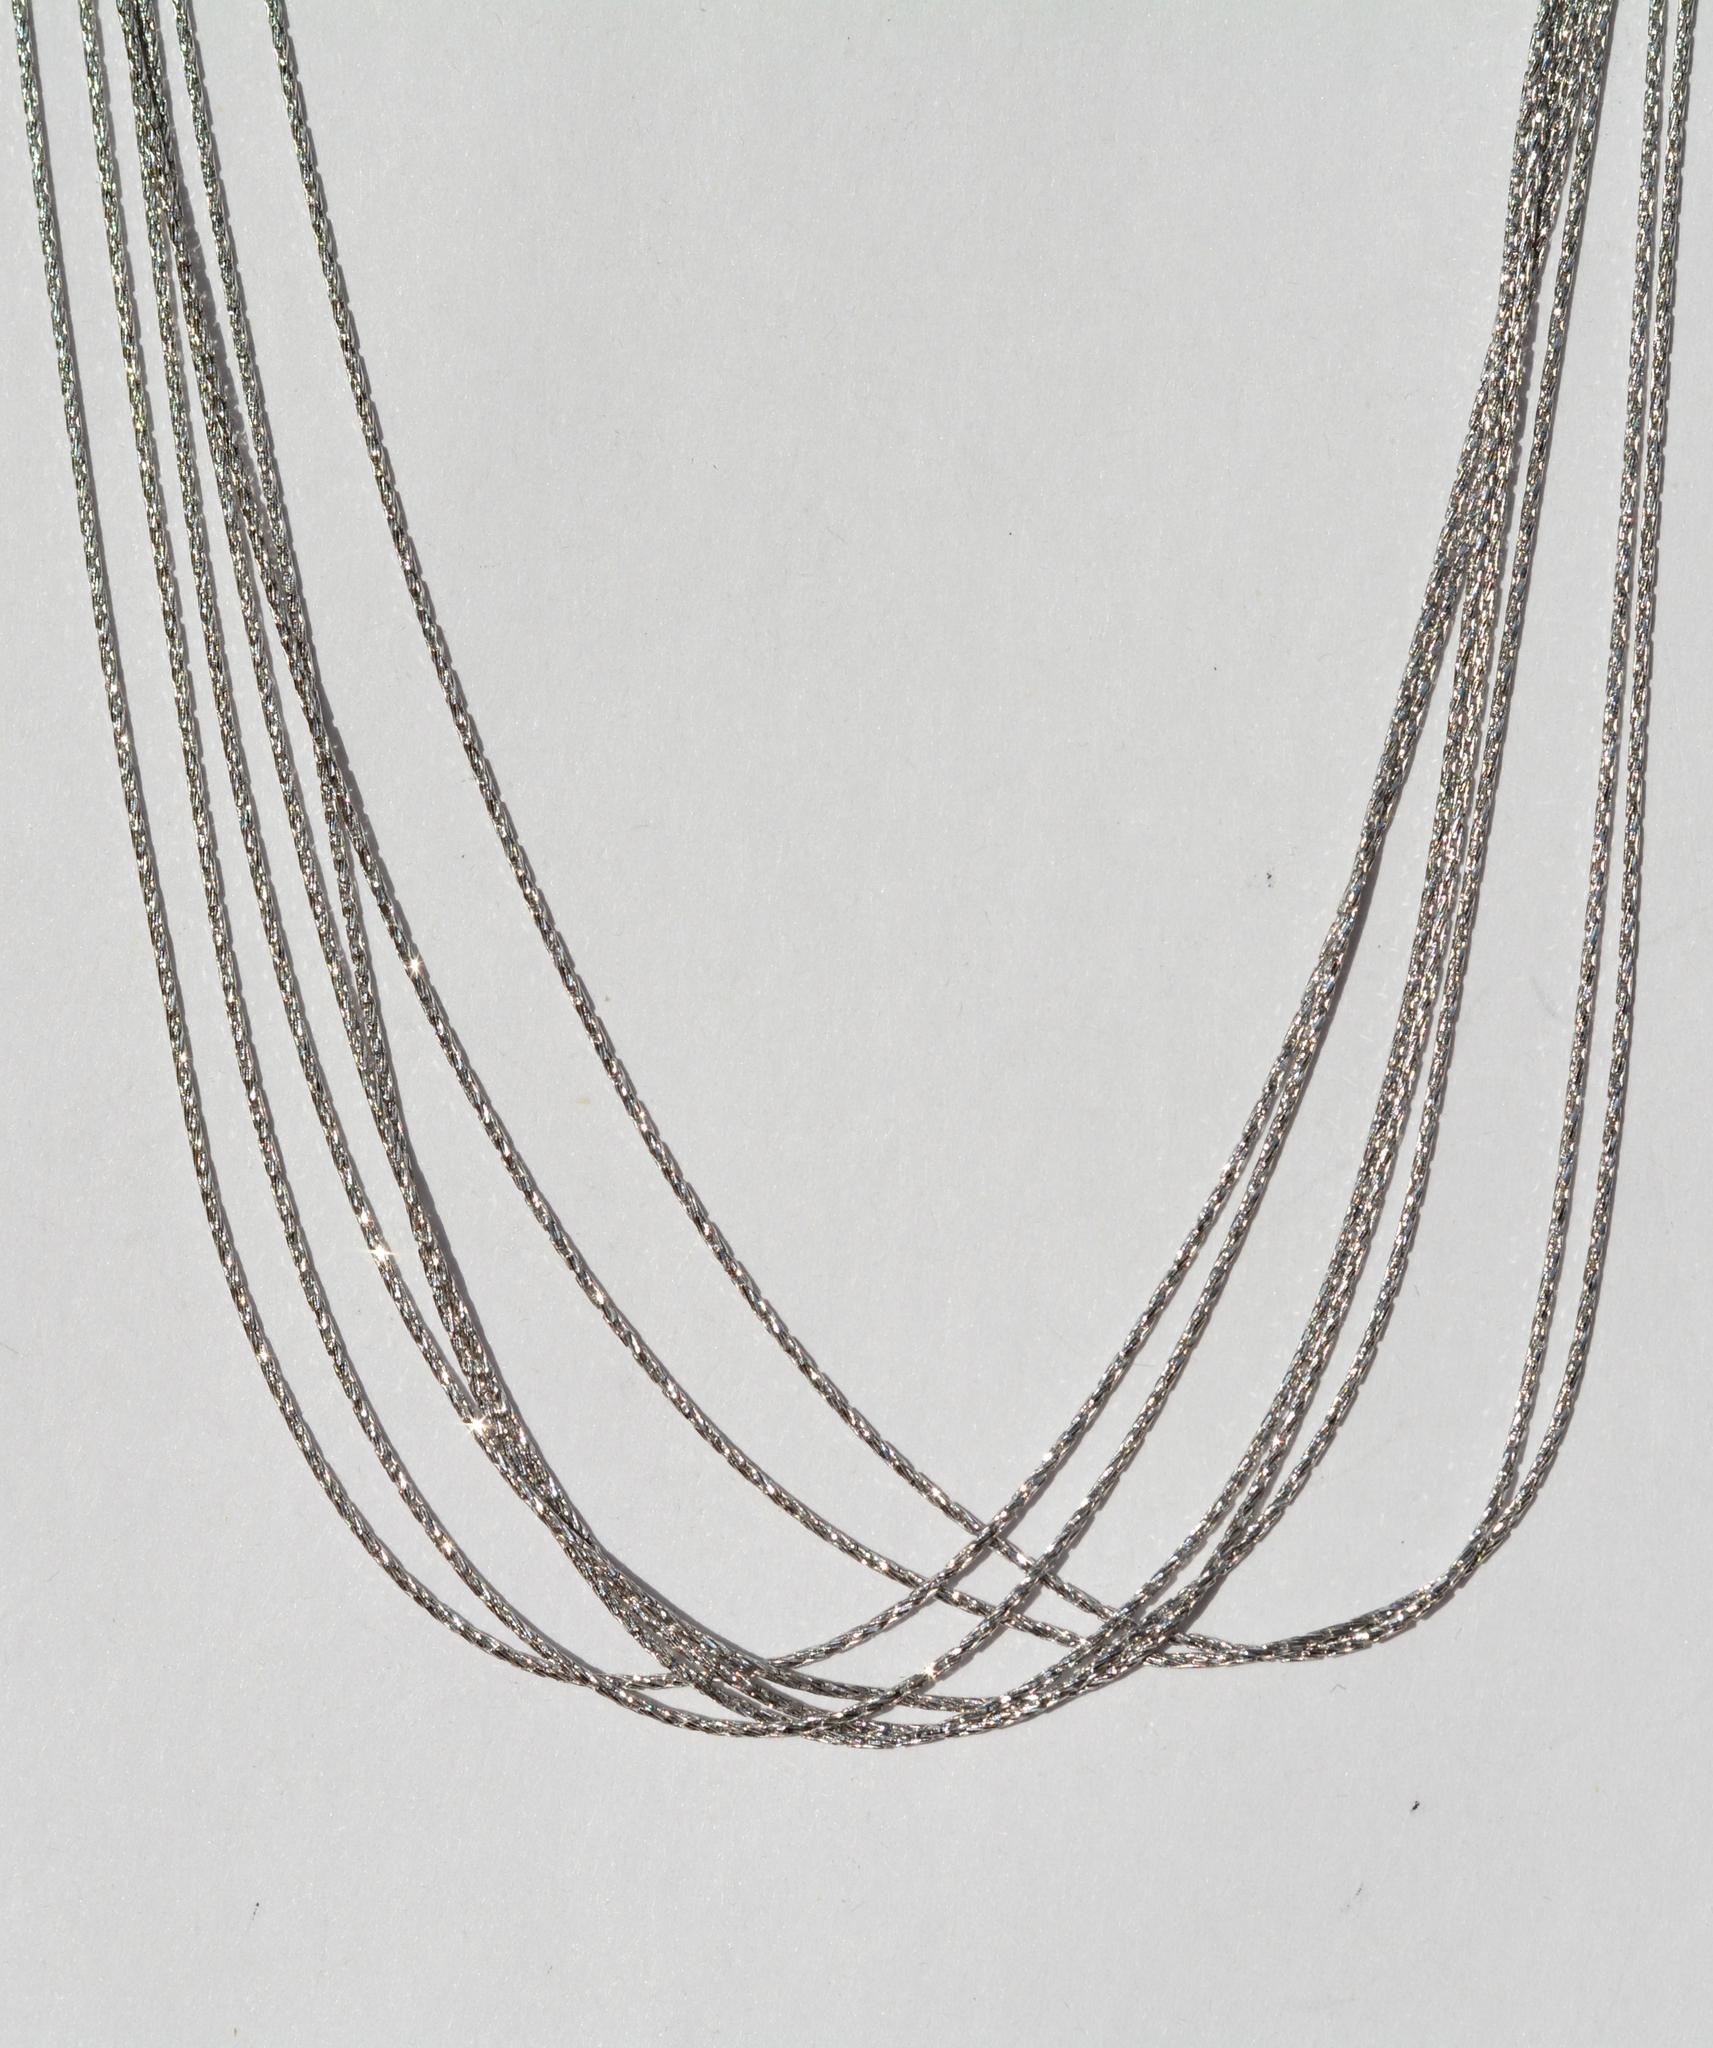 Колье из серебра,7 нитей (серебряная цепочка).